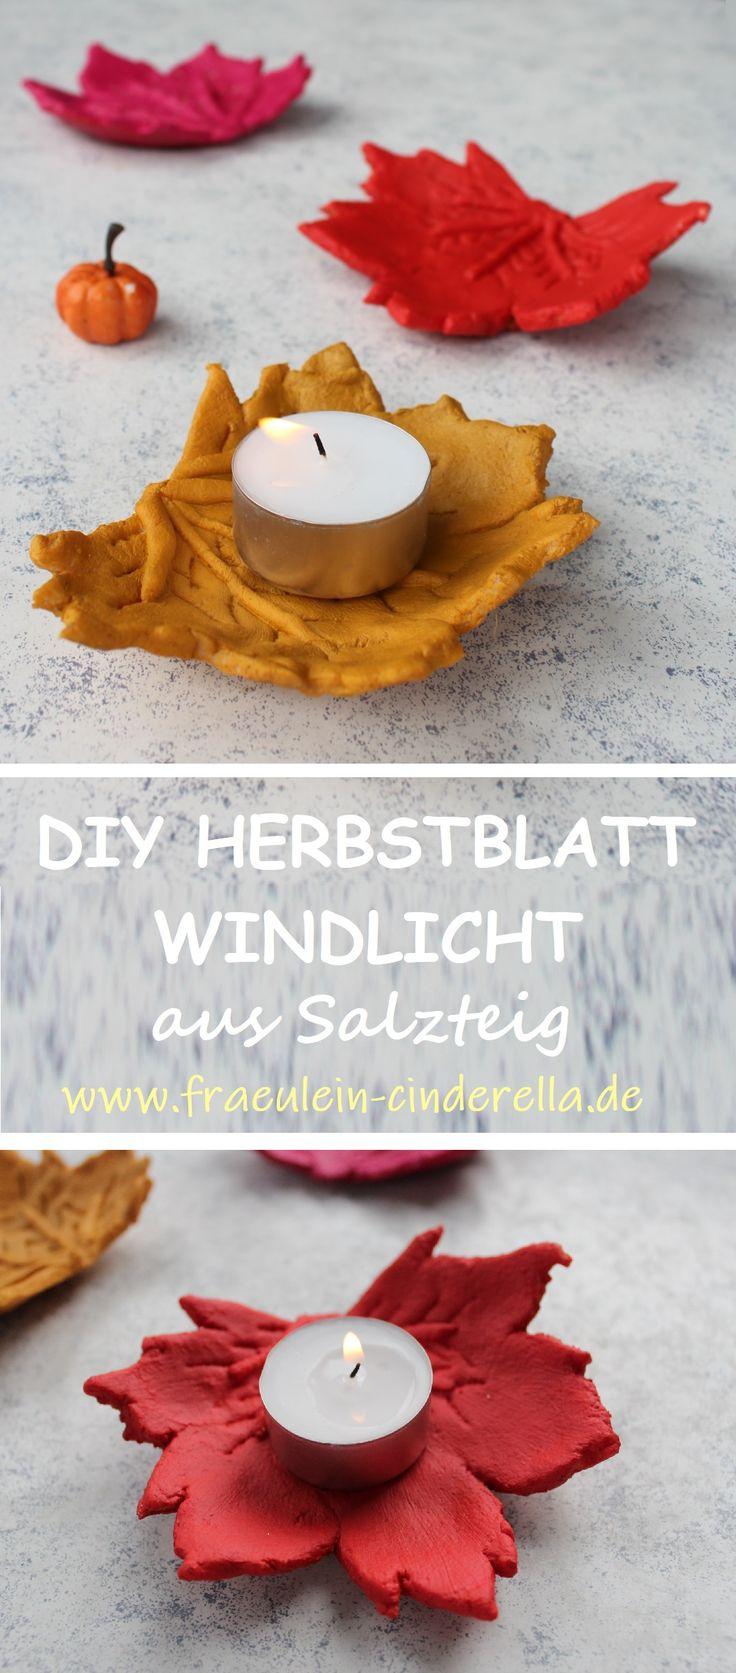 DIY: Herbstblatt-Windlicht aus Salzteig Kreative DIY-Idee oder Geschenk Ideen : Herbst-Windlicht